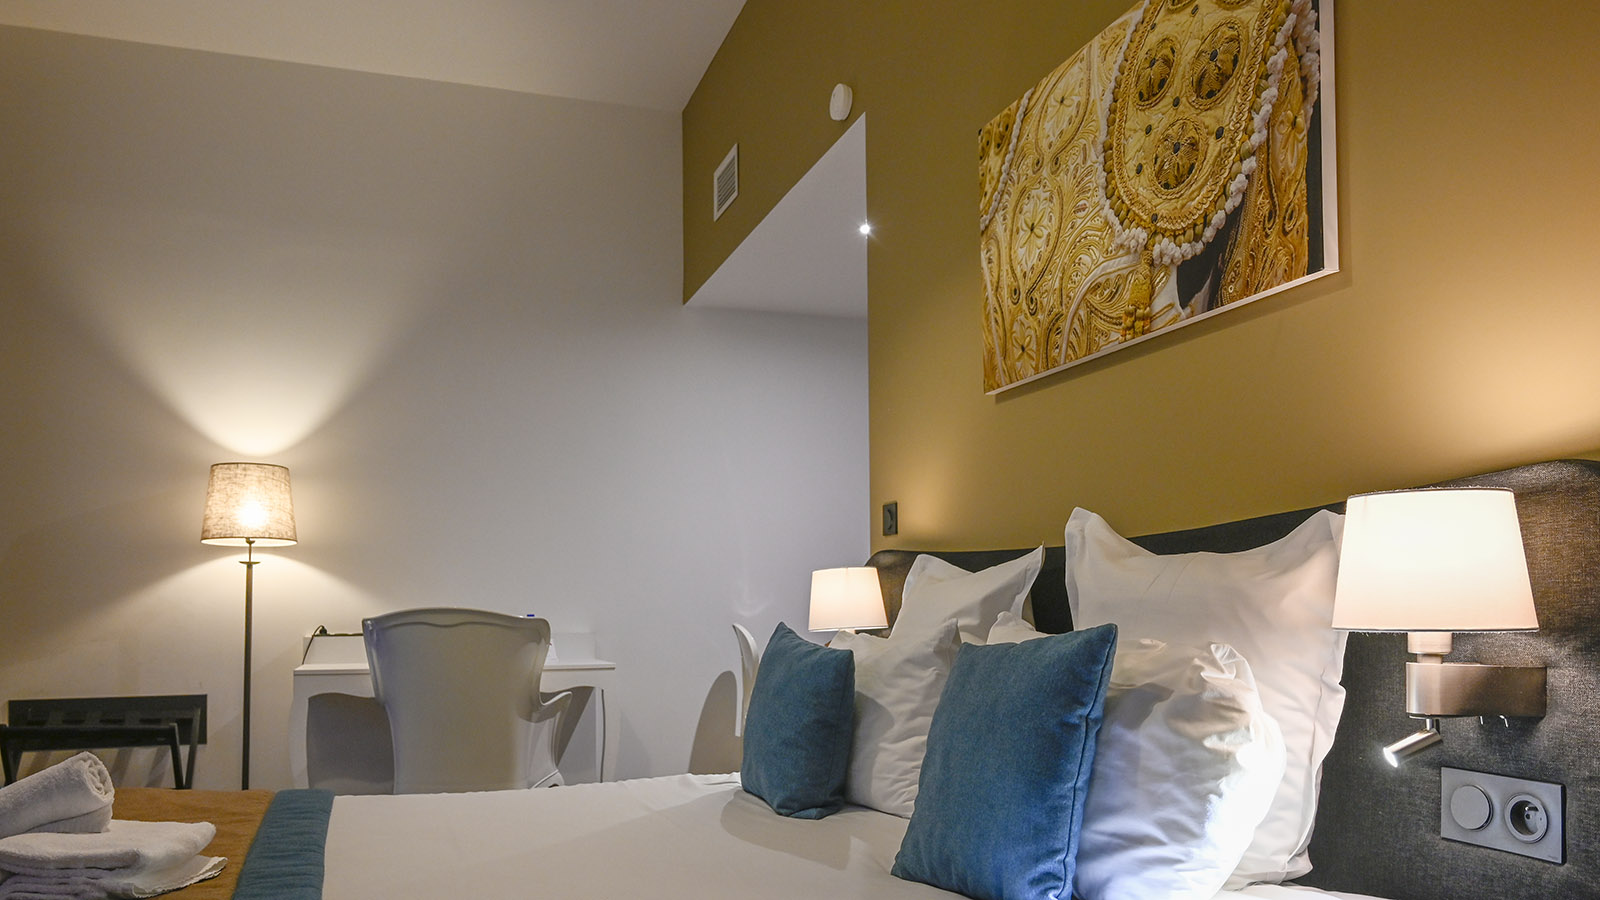 Das Zimmer 207 im Appart'City Confort Arènes. Foto: Hilke Maunder